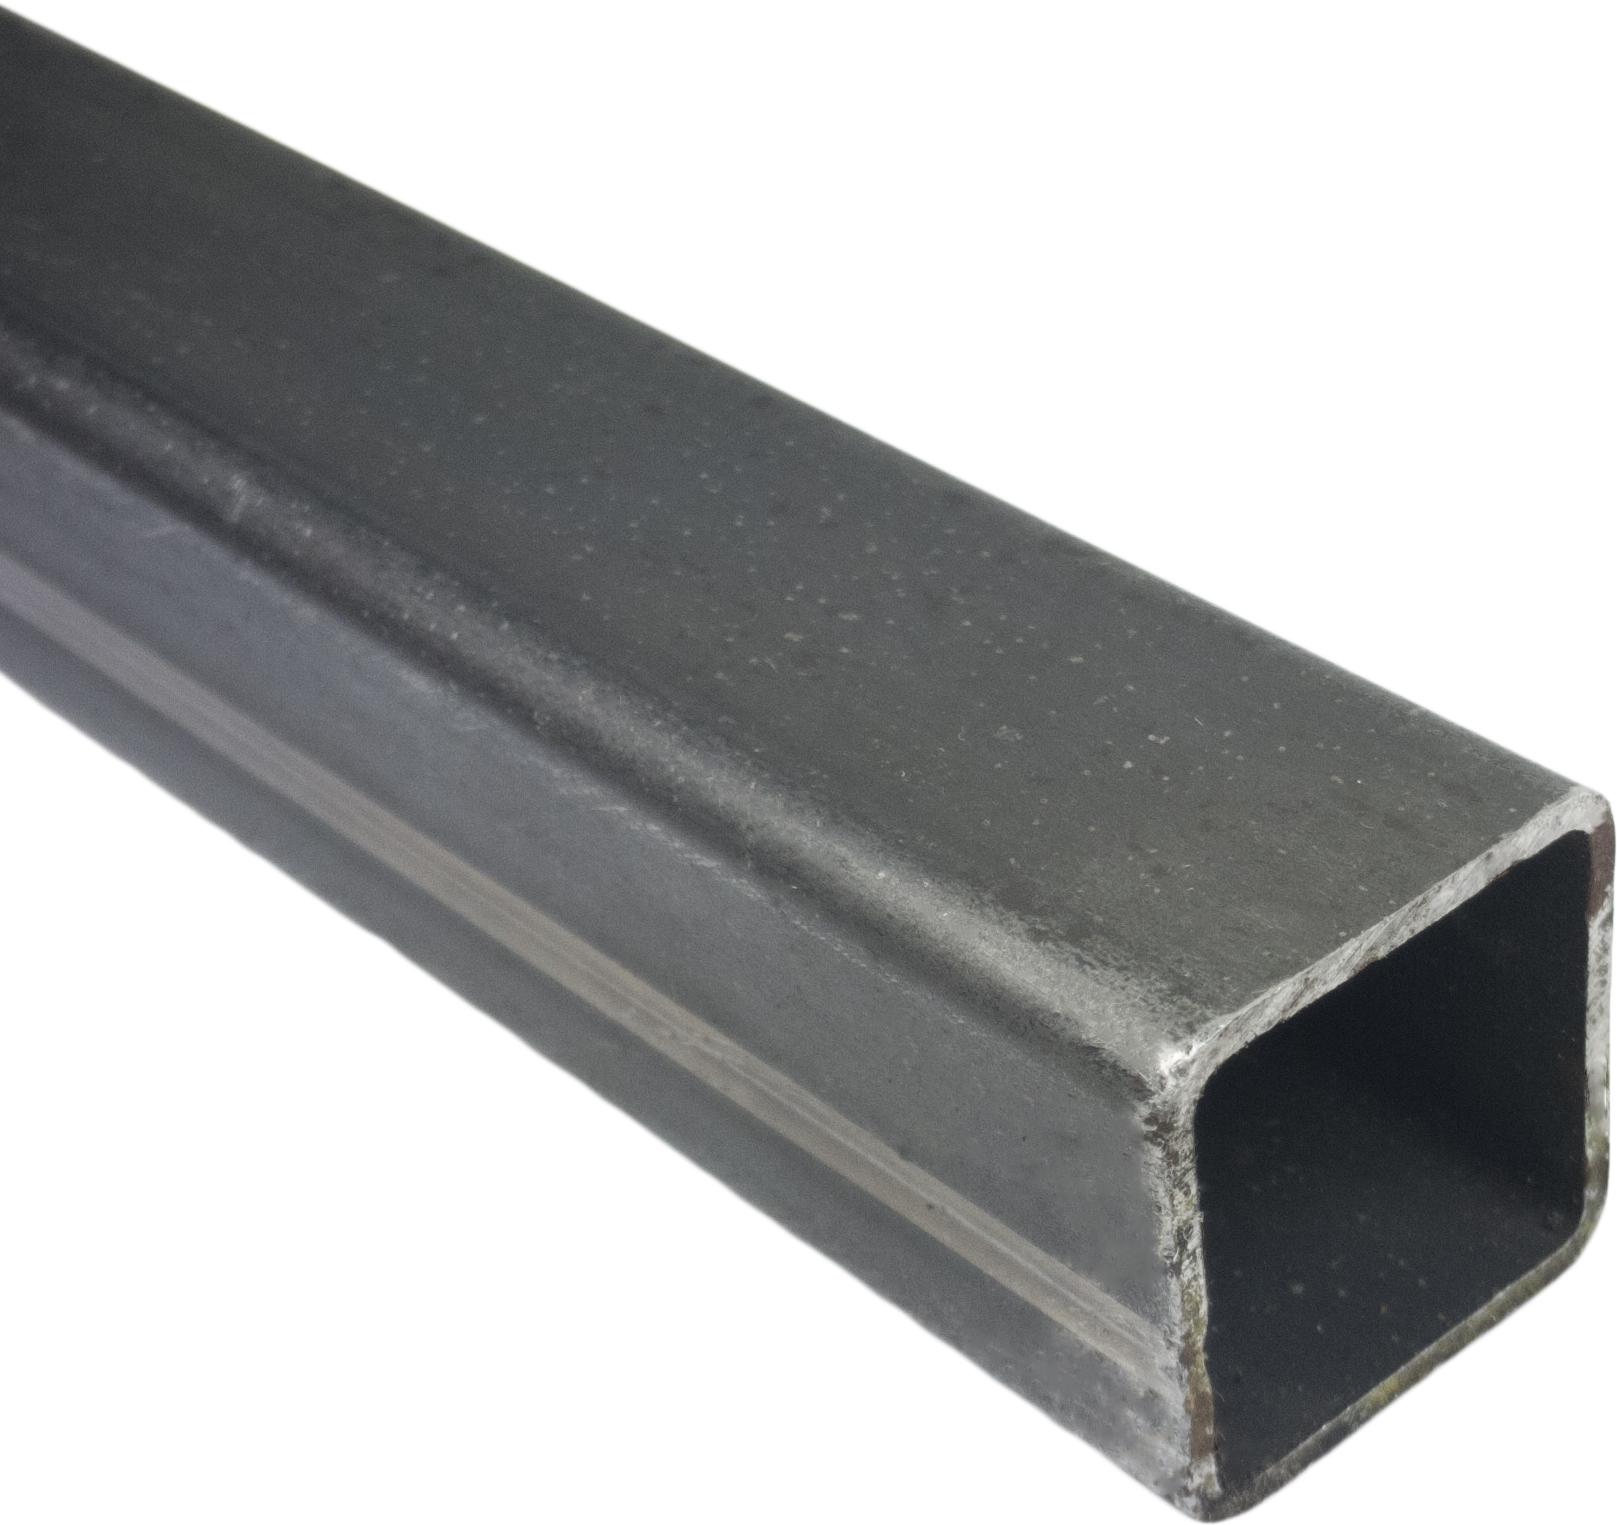 Профиль Стальной Закрыт 15x15x1,5 Длина 1000мм